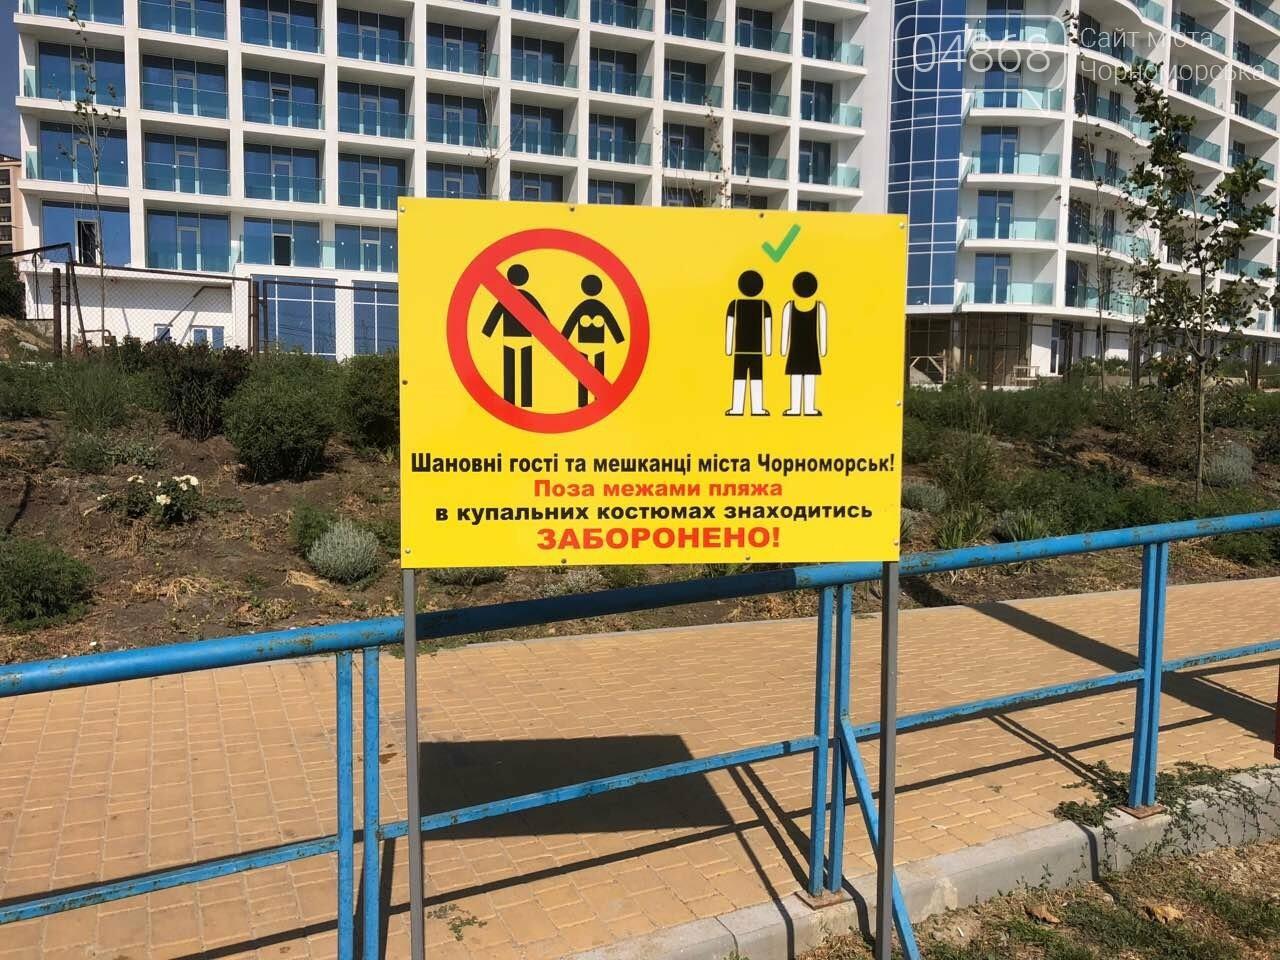 «Центр Безопасности Юг» обеспечивает спокойный досуг жителей и гостей Черноморска, фото-3